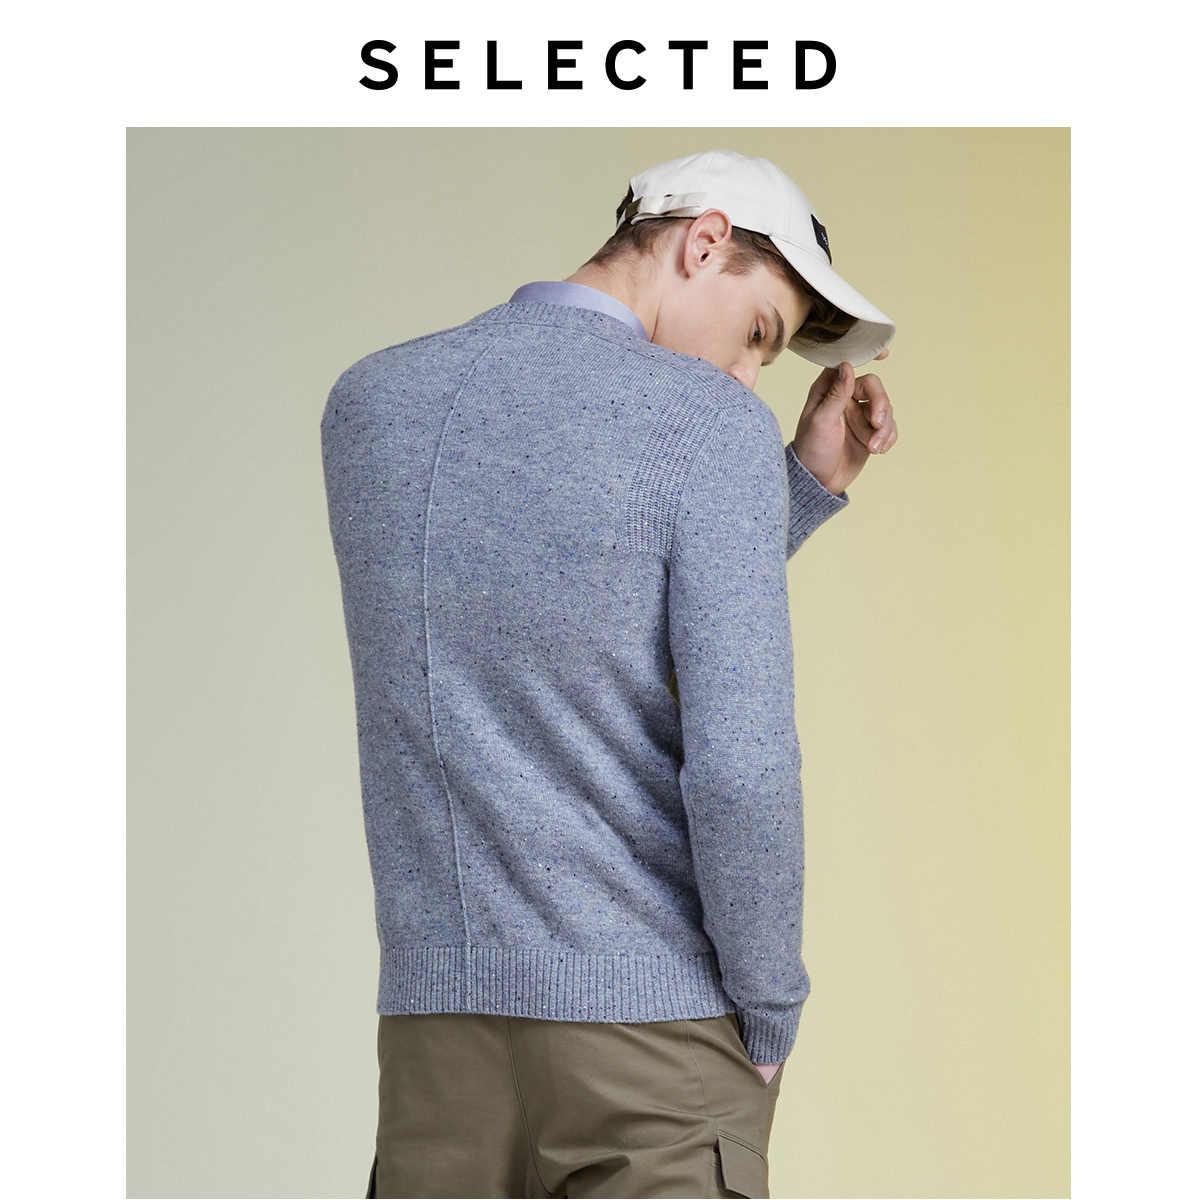 เลือกฤดูหนาว Wool-Blend Pullover เสื้อกันหนาวชายรอบคอถักเสื้อผ้า LAB   419425510